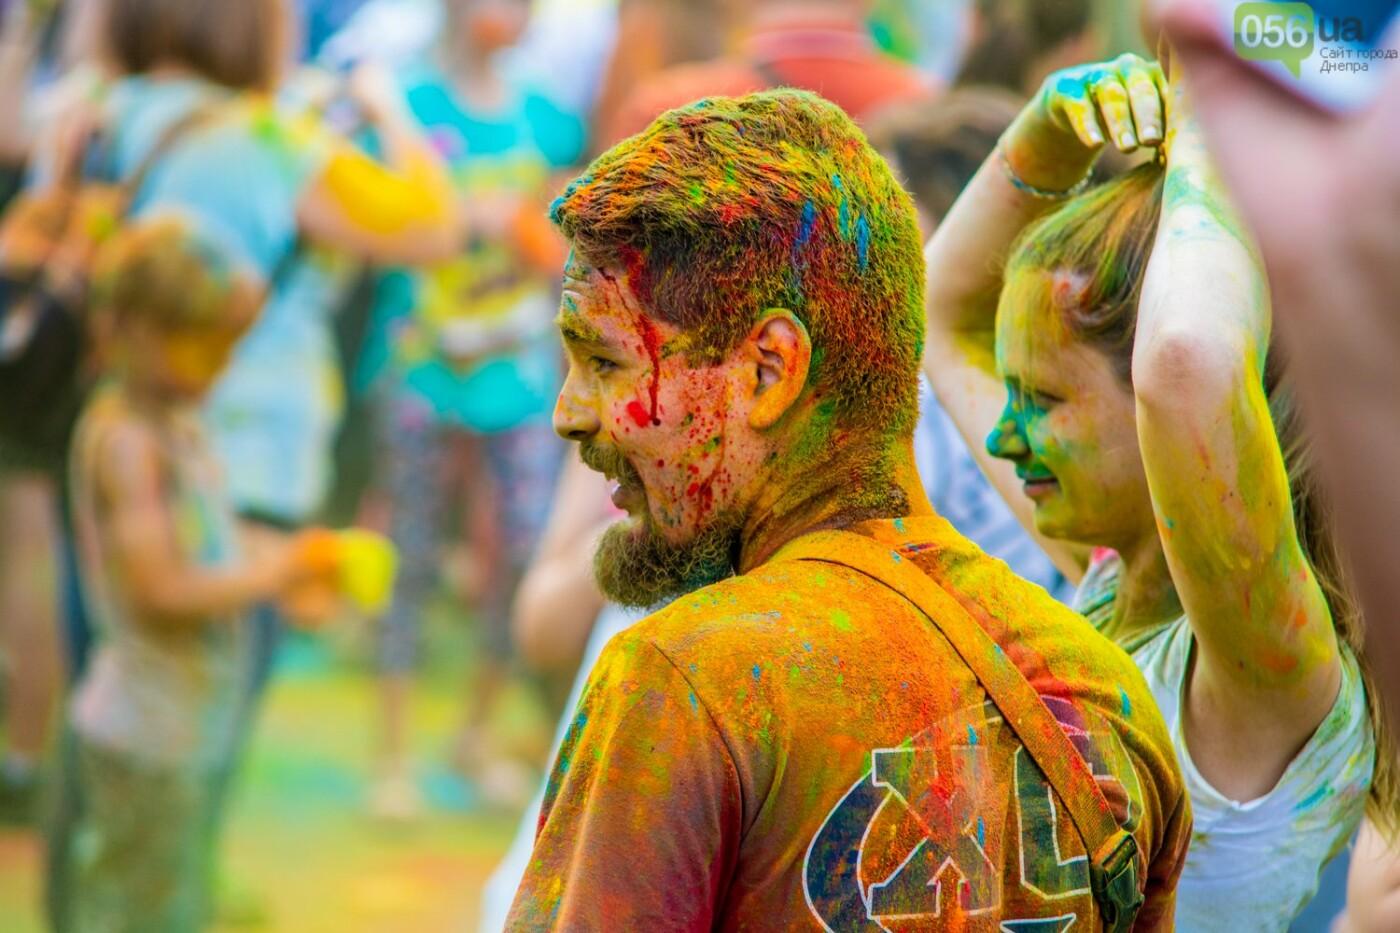 Фестиваль красок и свадьбы: как в Днепре прошел День молодежи, - ФОТОРЕПОРТАЖ, ВИДЕО, фото-14